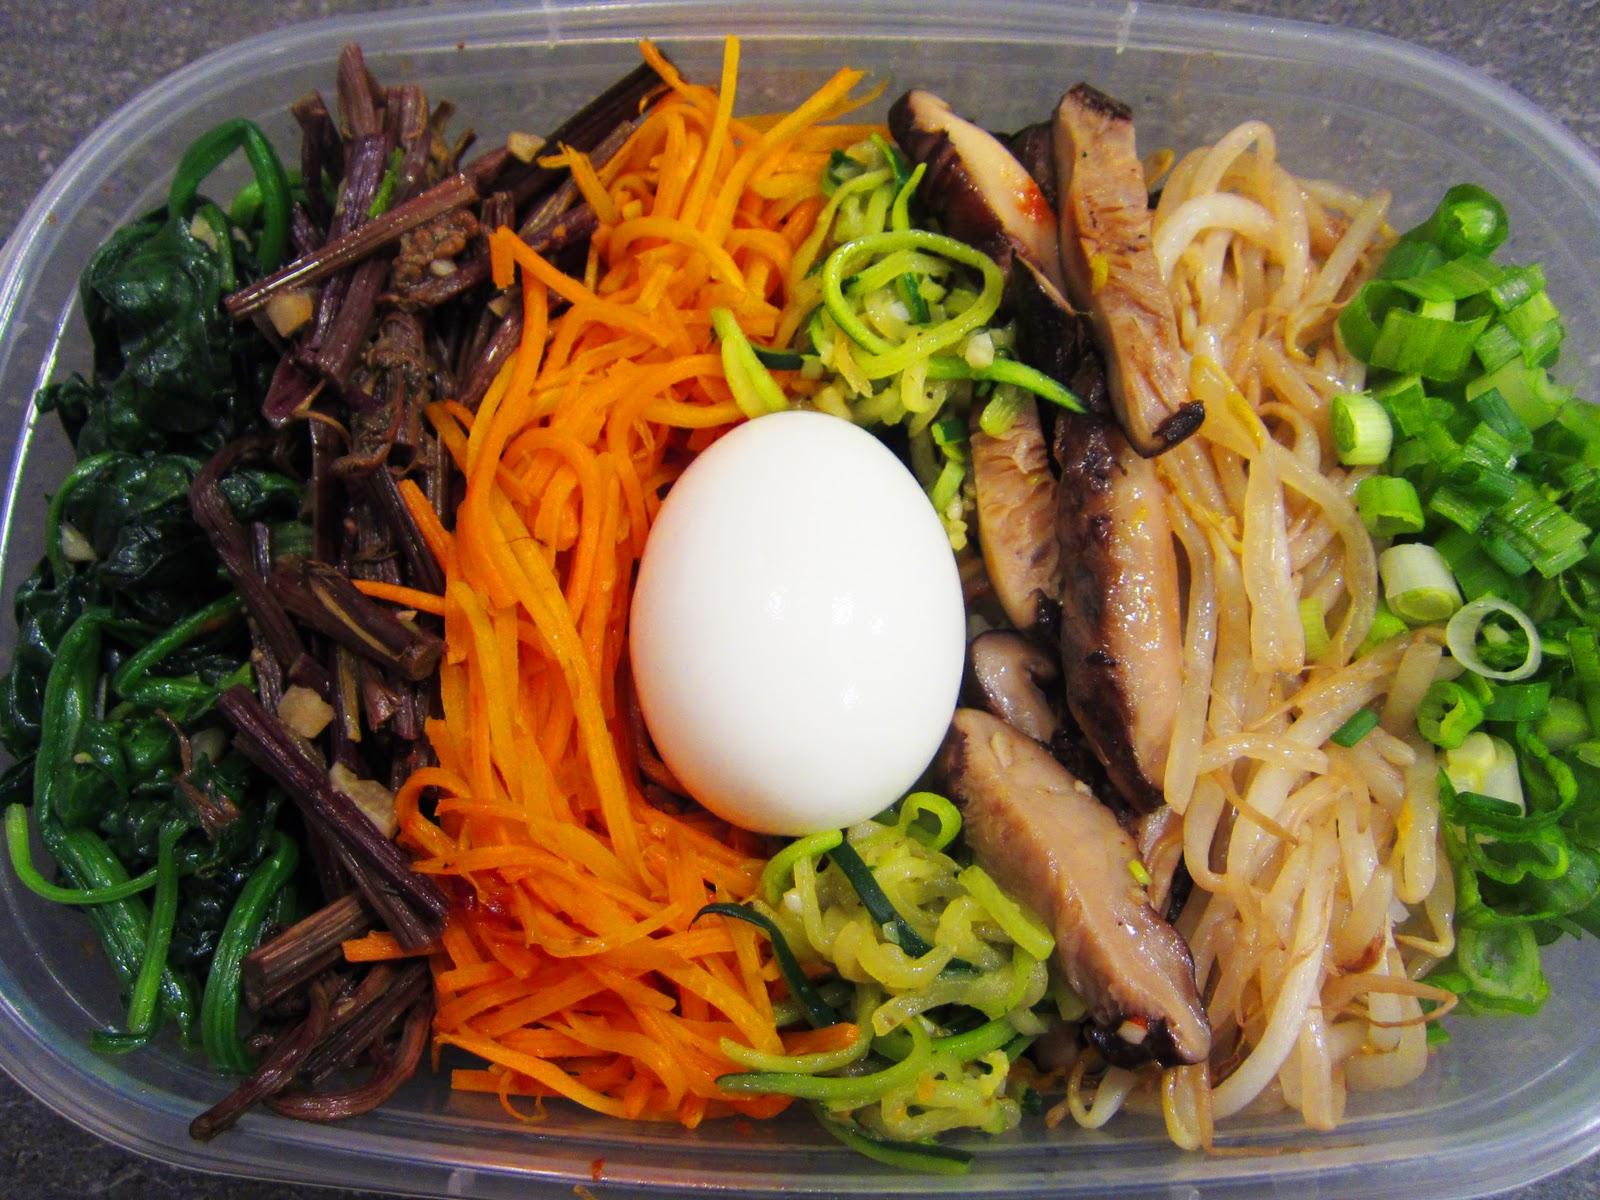 Vegetarian Bibimbap Tasty Eating: Lunch We...